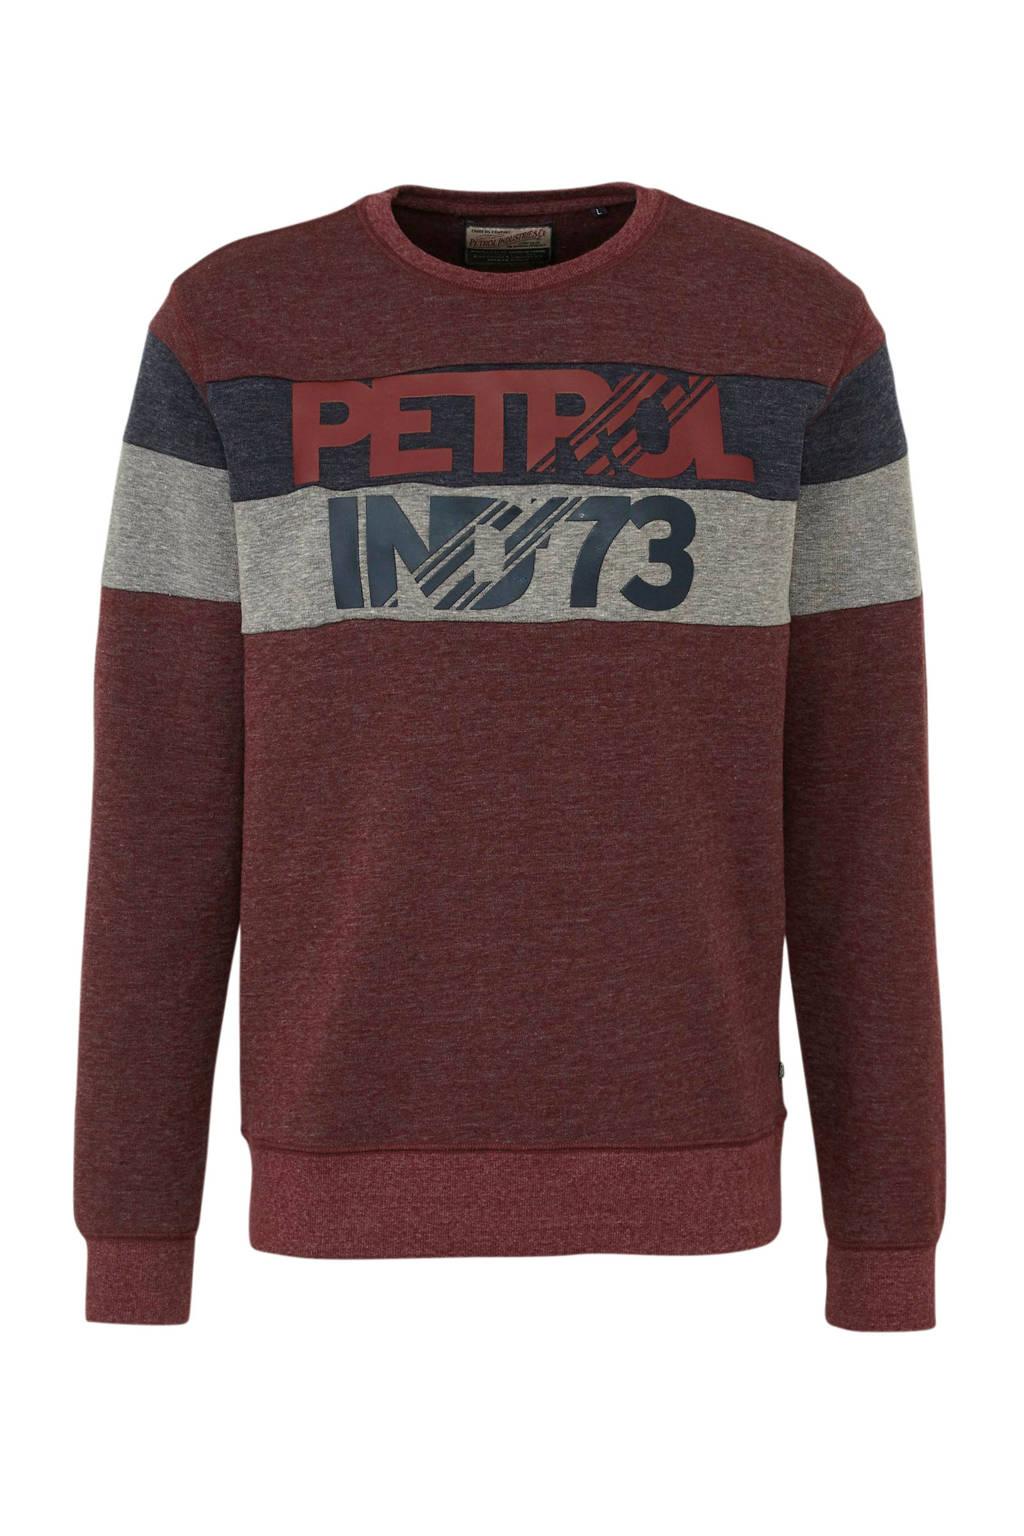 Petrol Industries sweater met tekst donkerrood, Donkerrood